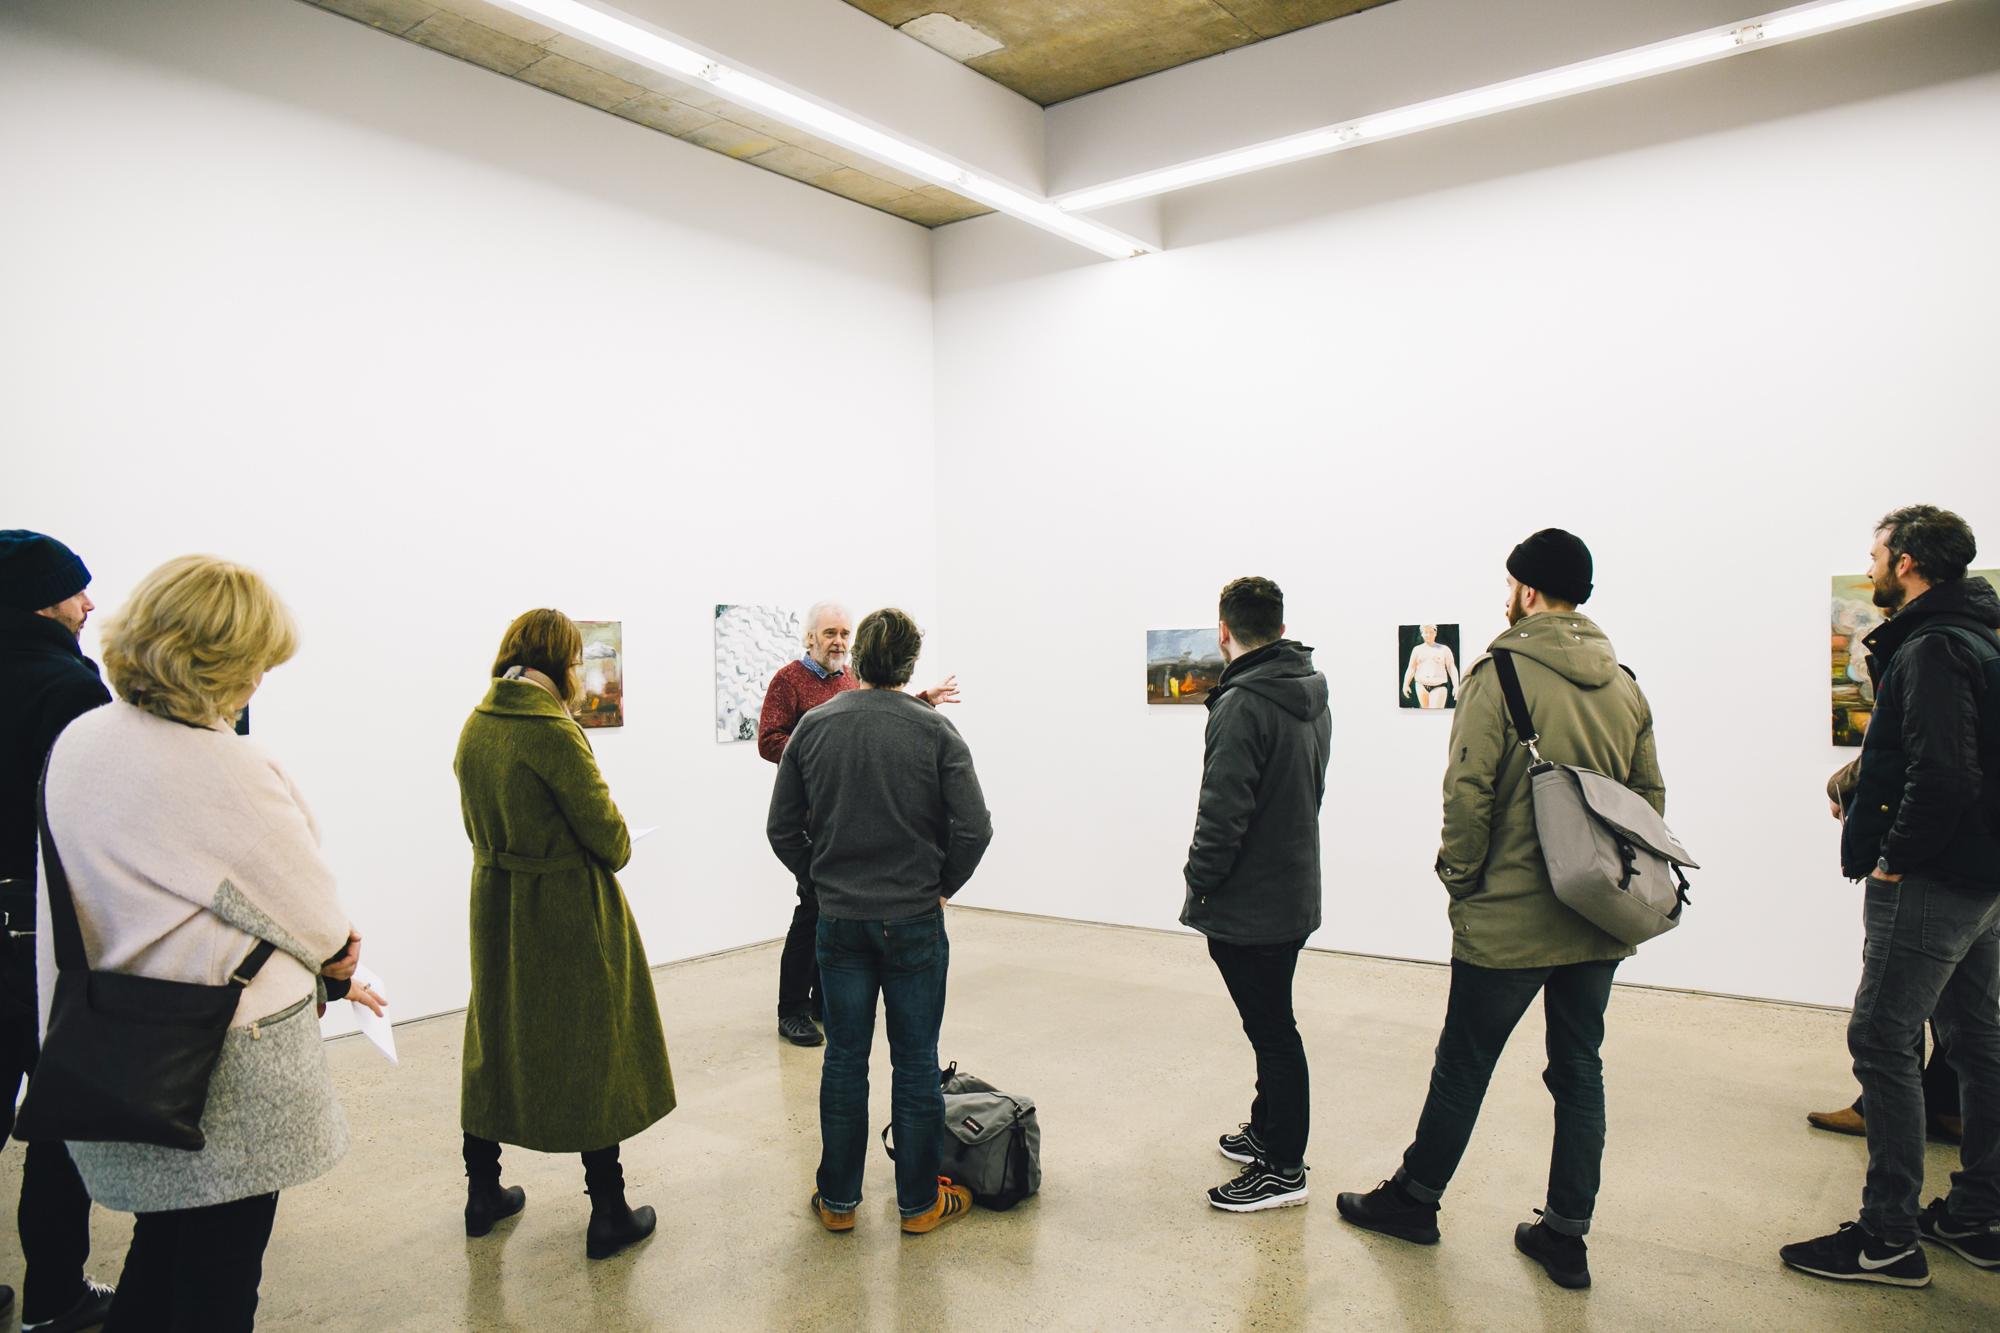 Dublin Gallery Weekend 2016: Robert Armstrong Artist Talk